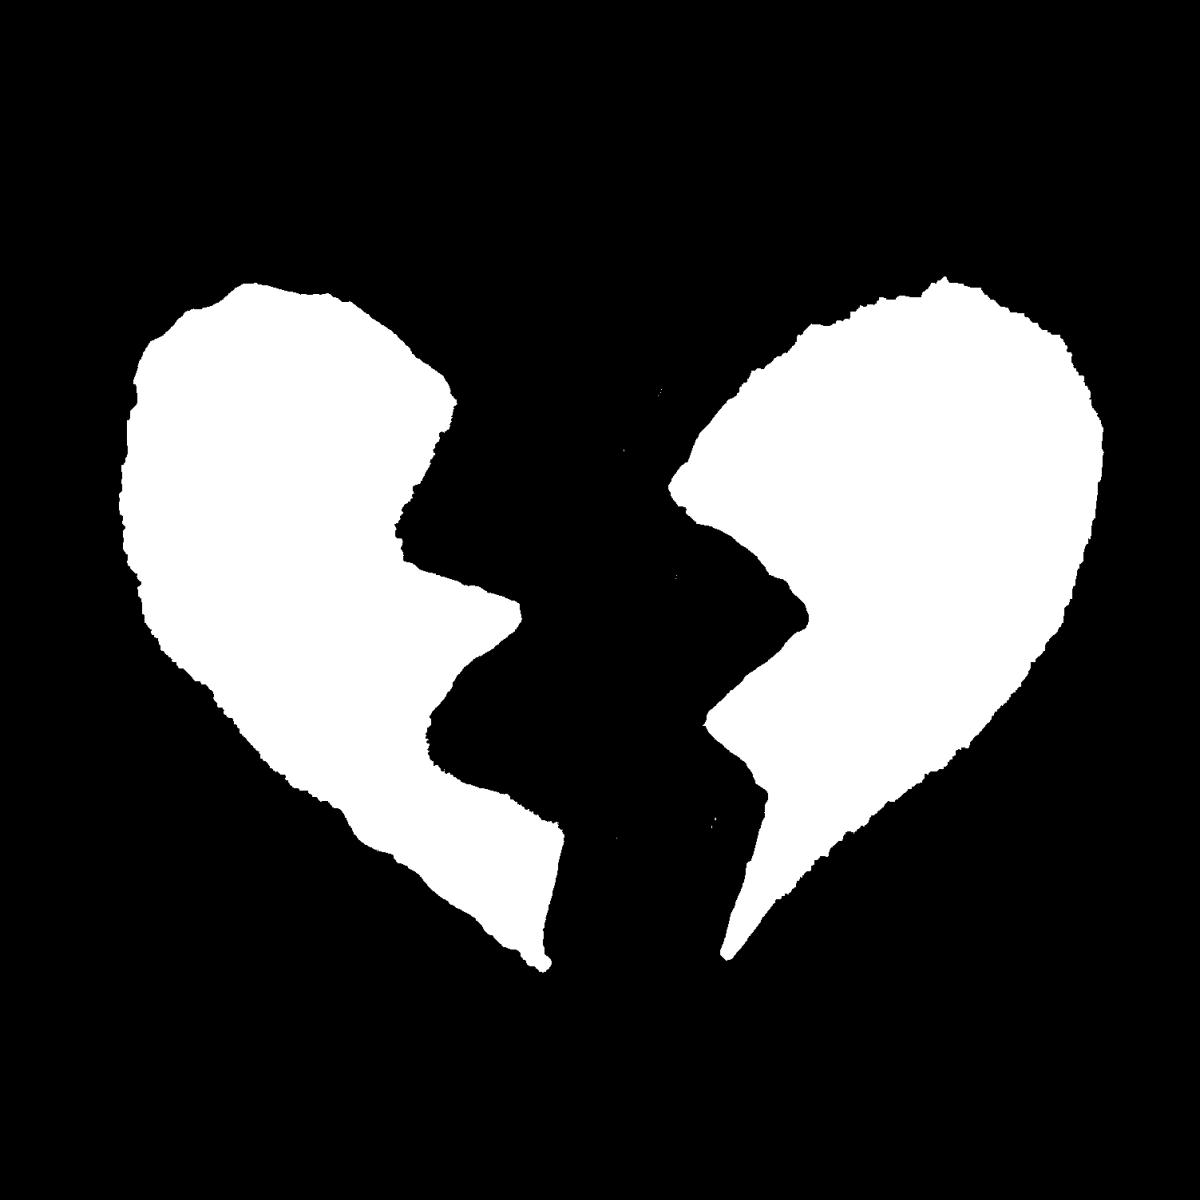 割れたハートのイラスト / Broken heart Illustration